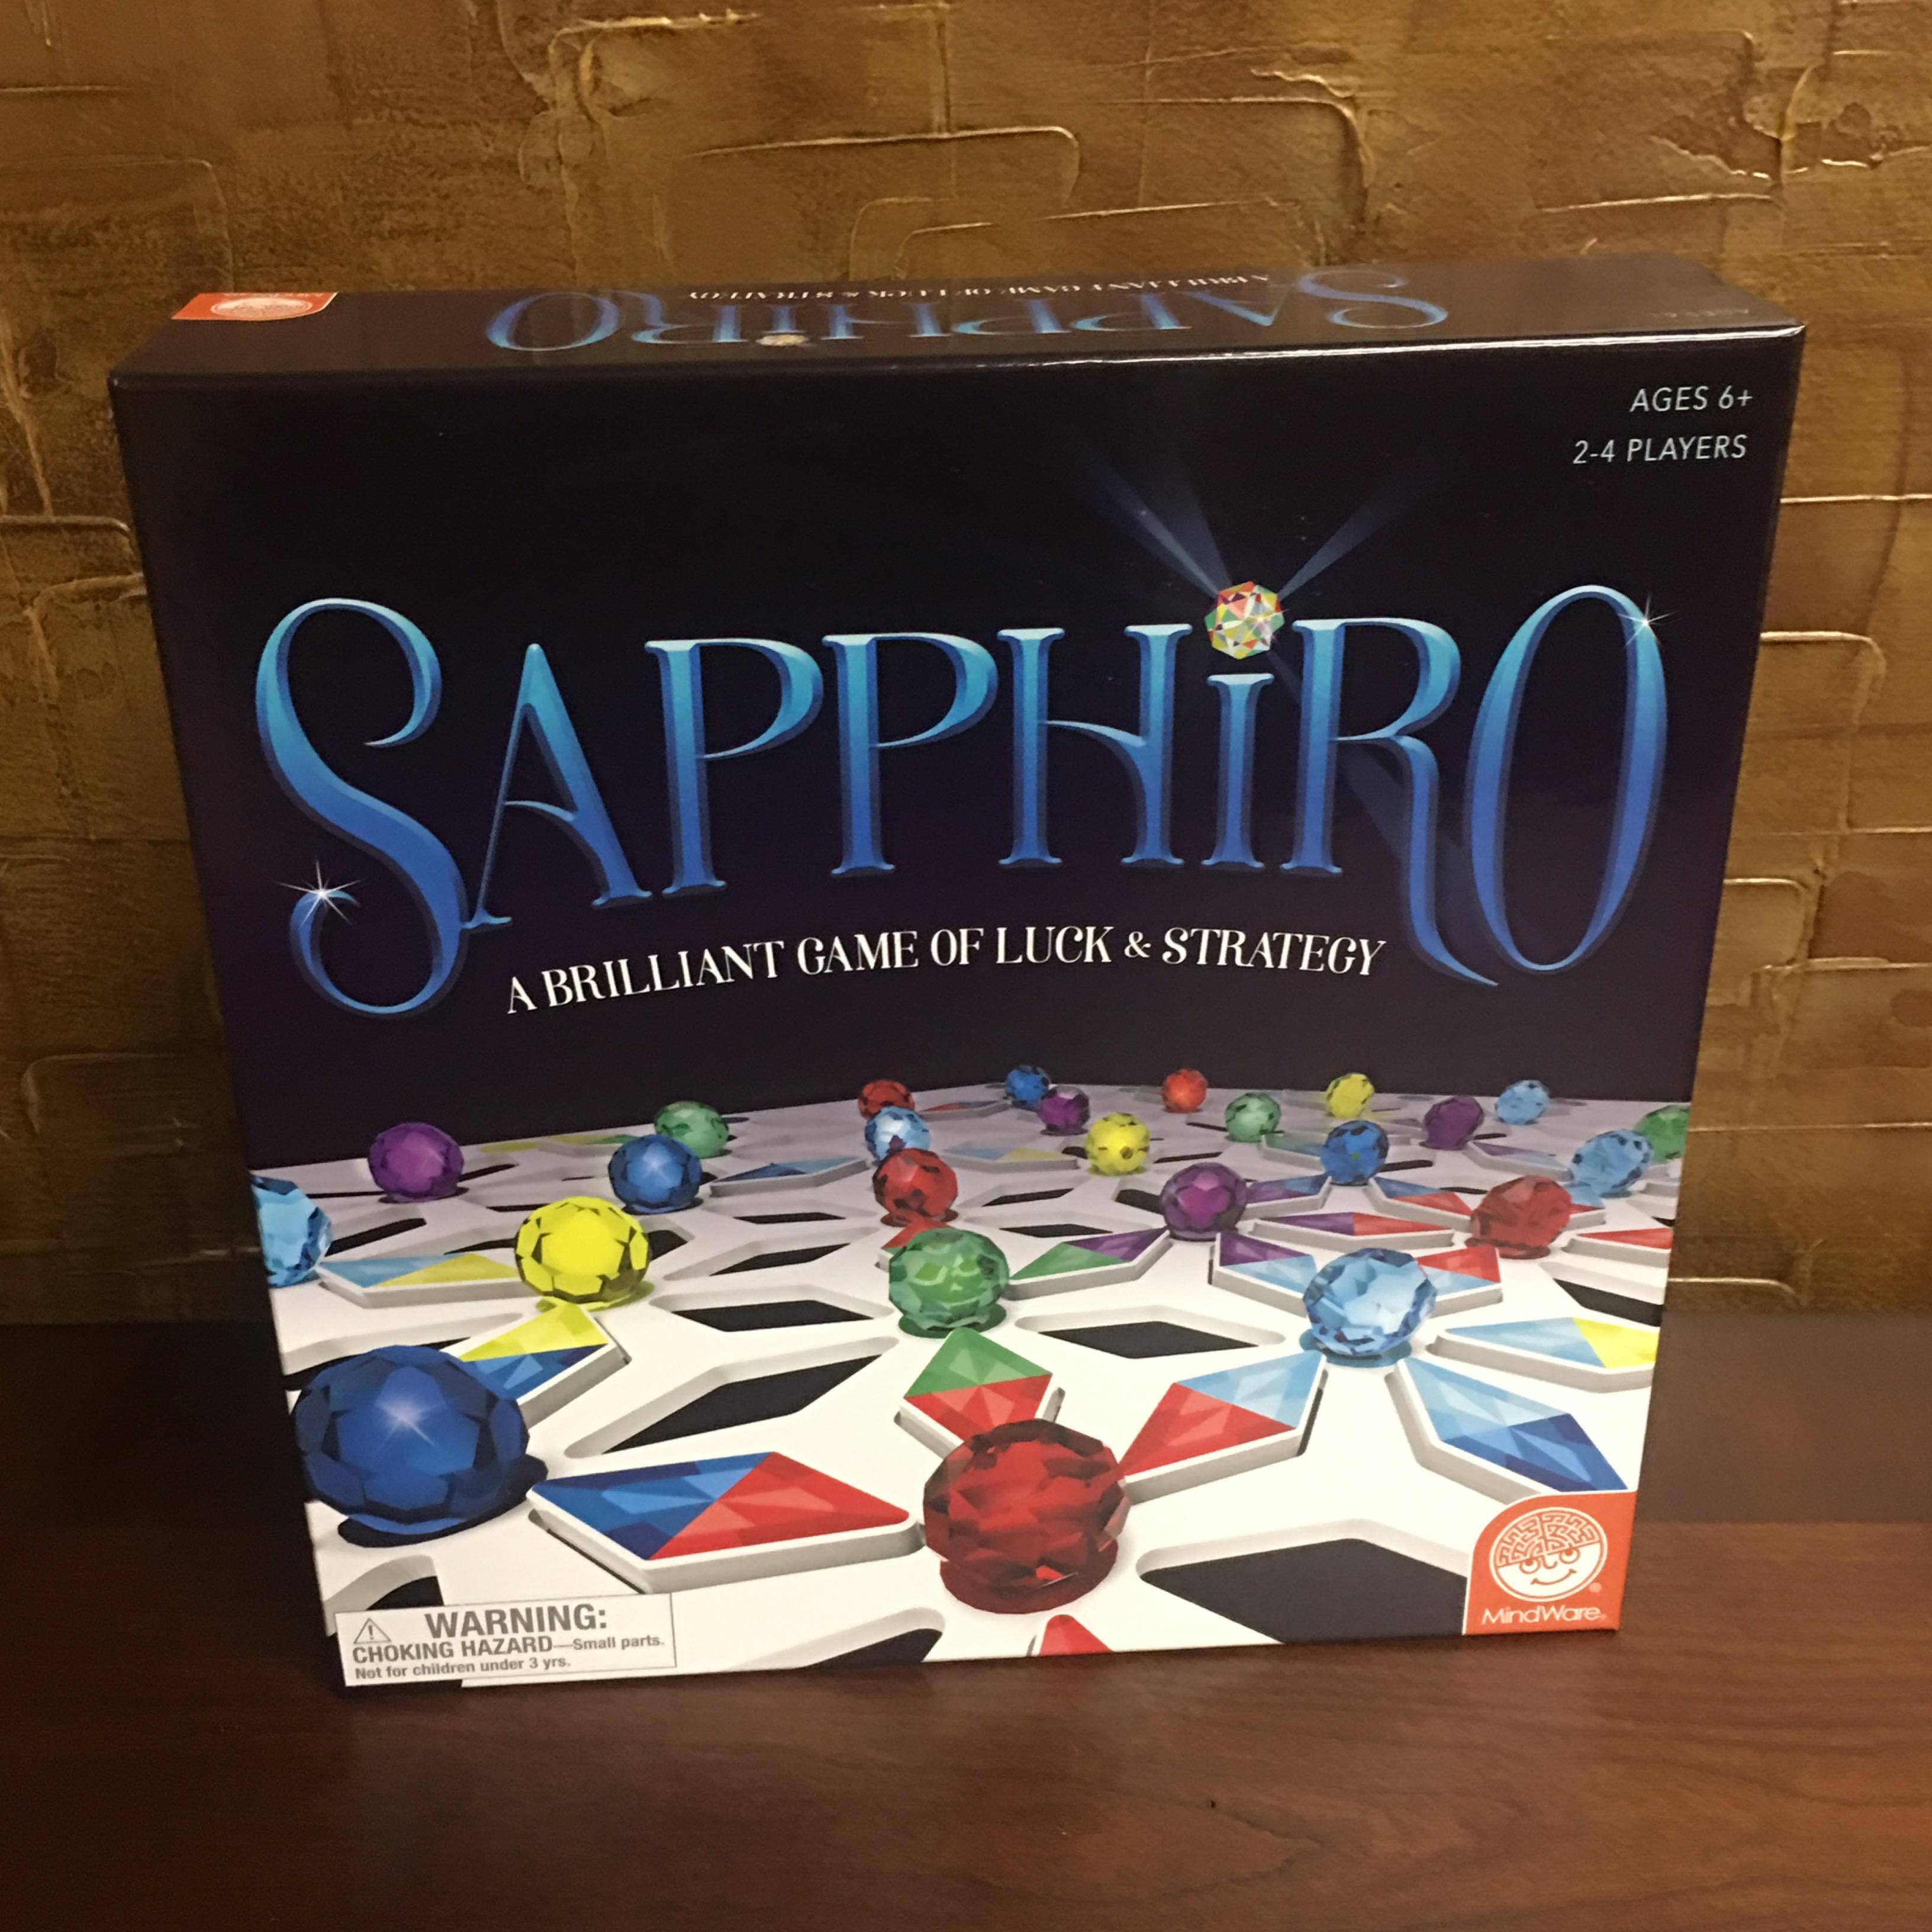 Sapphiro by Mindware